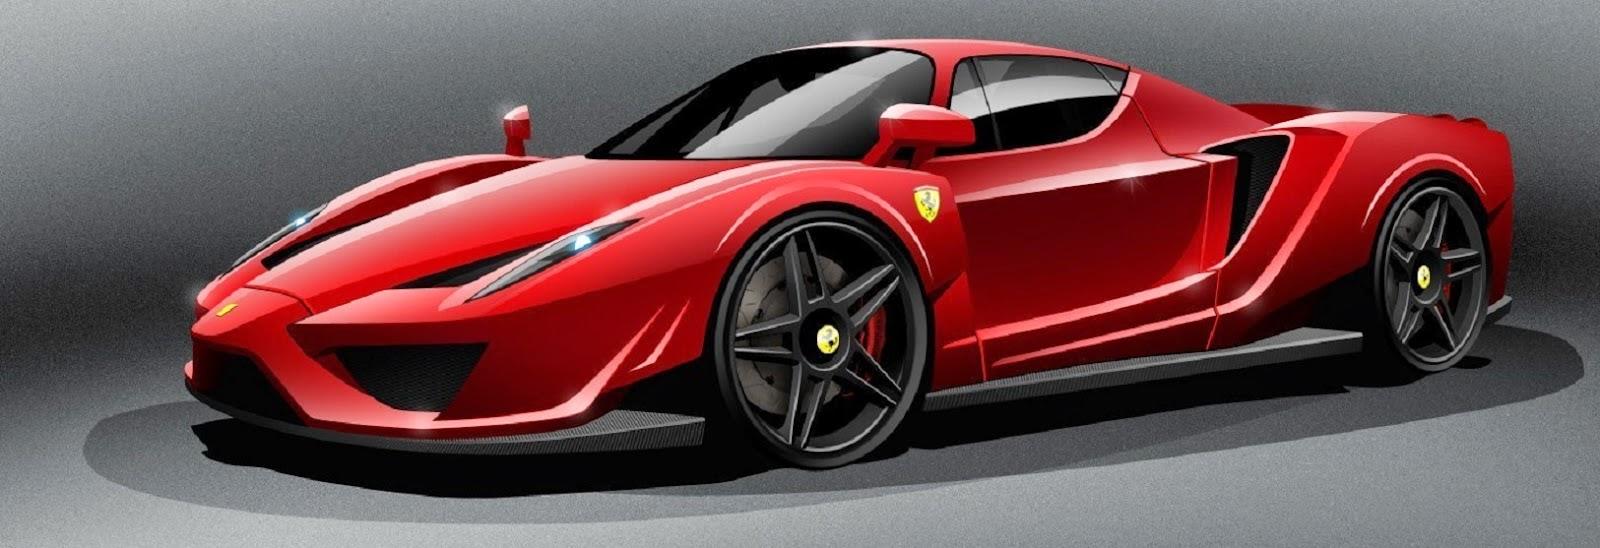 Mobil Ferrari: Kumpulan Modifikasi Mobil Ferrari Enzo Terbaru